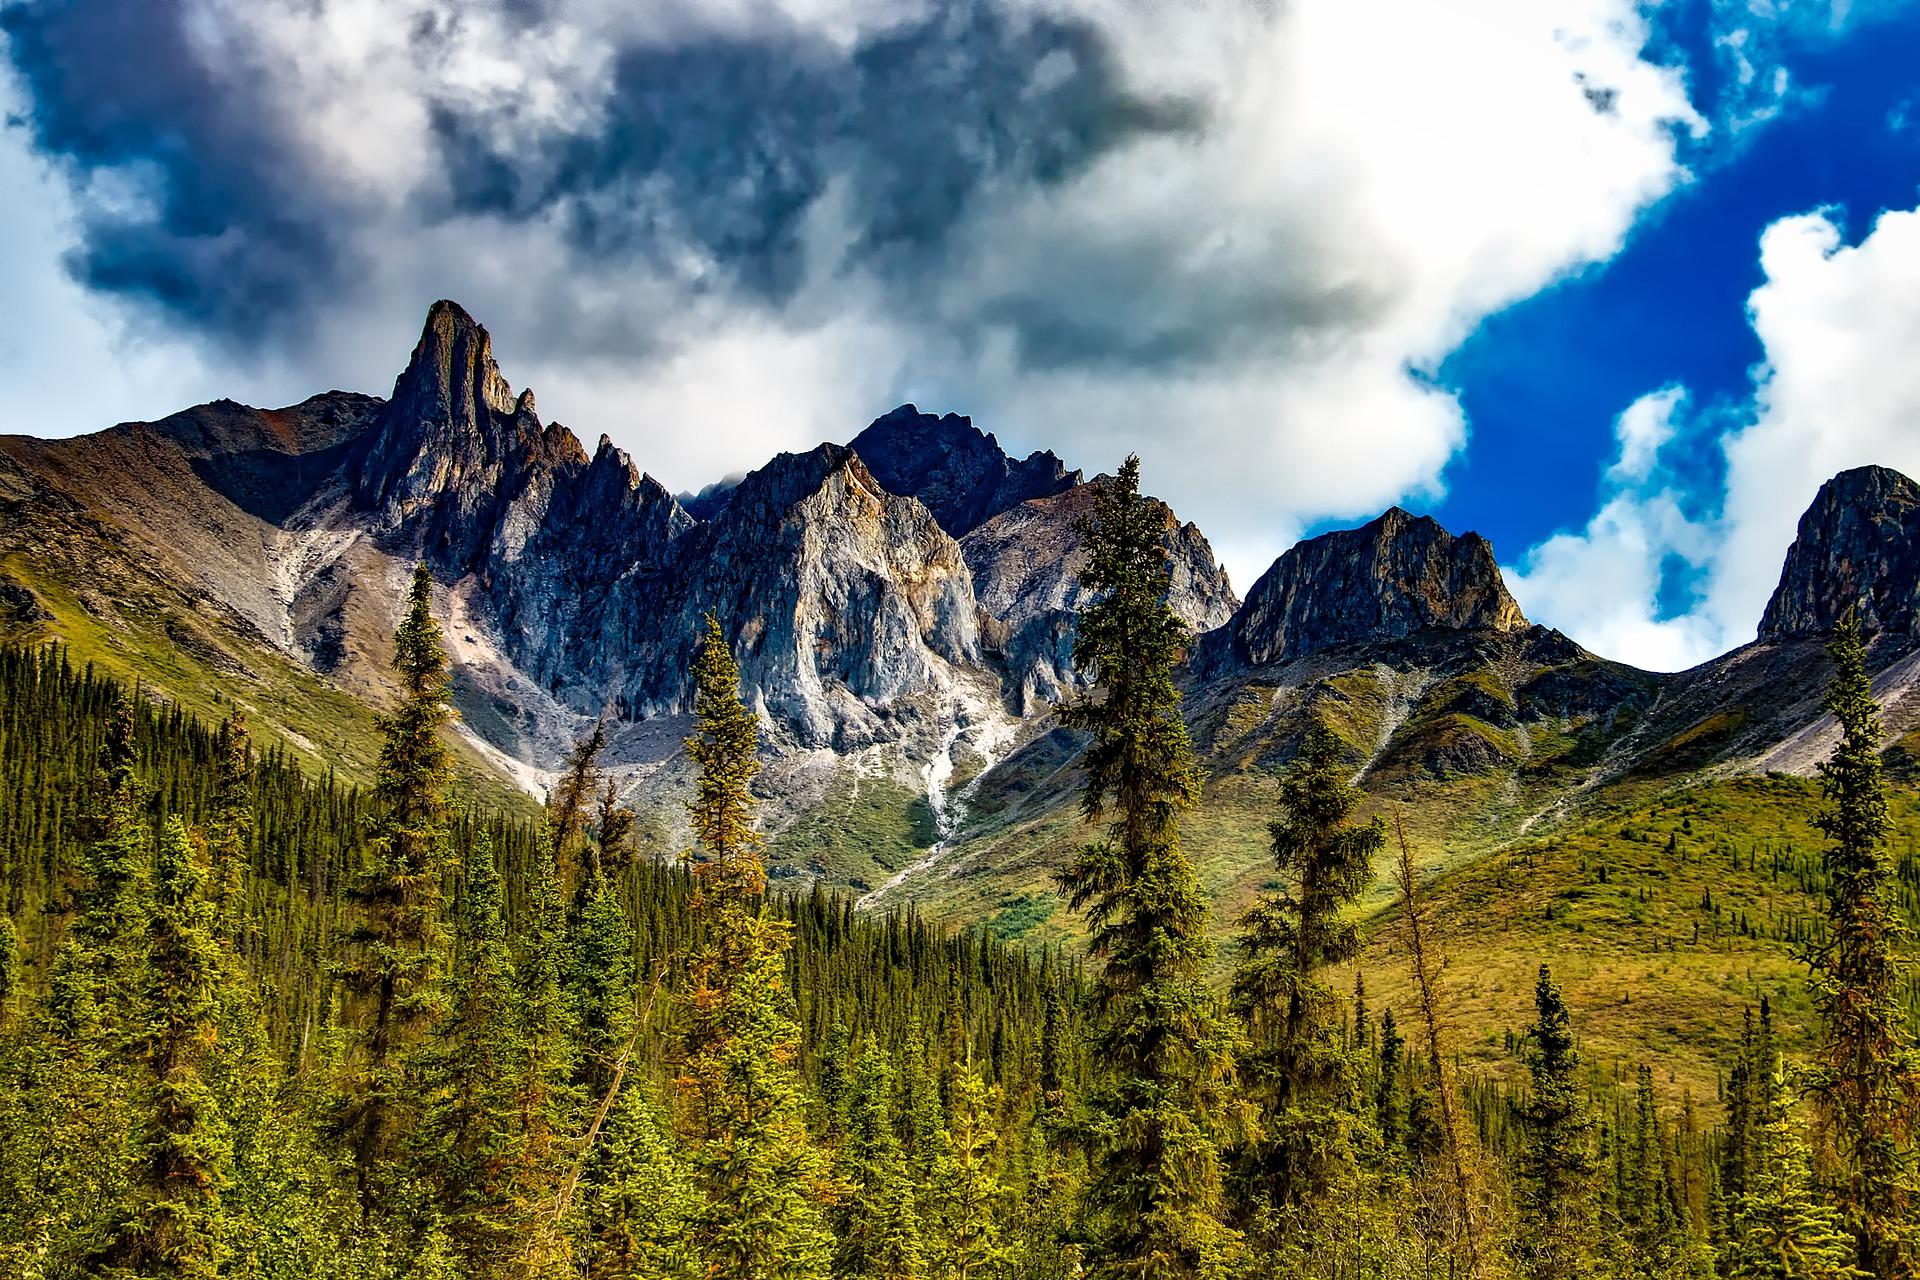 california-family-road-trip-yosemite-national-park